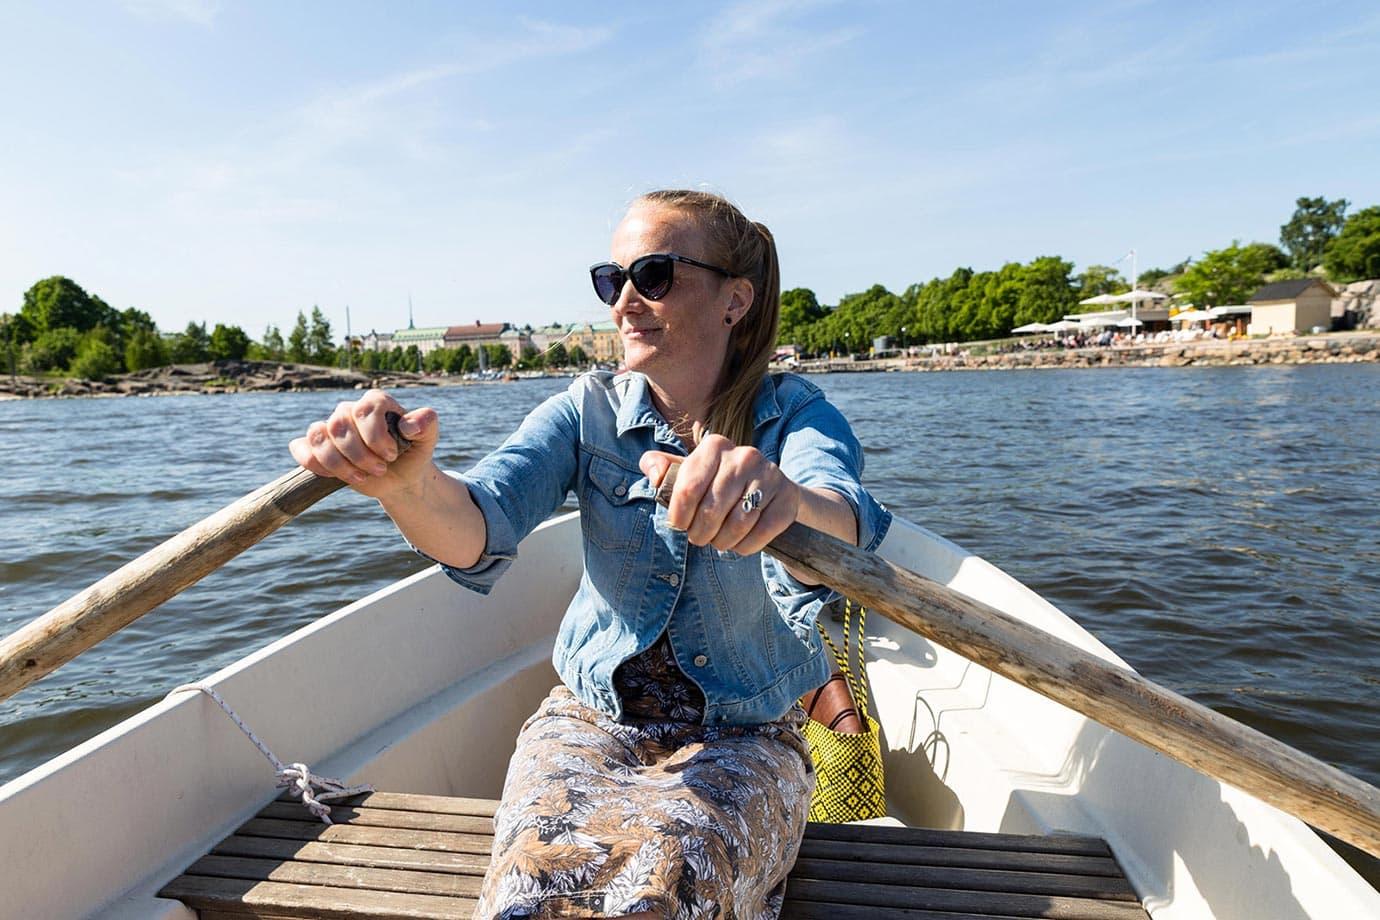 Rowing in Helsinki